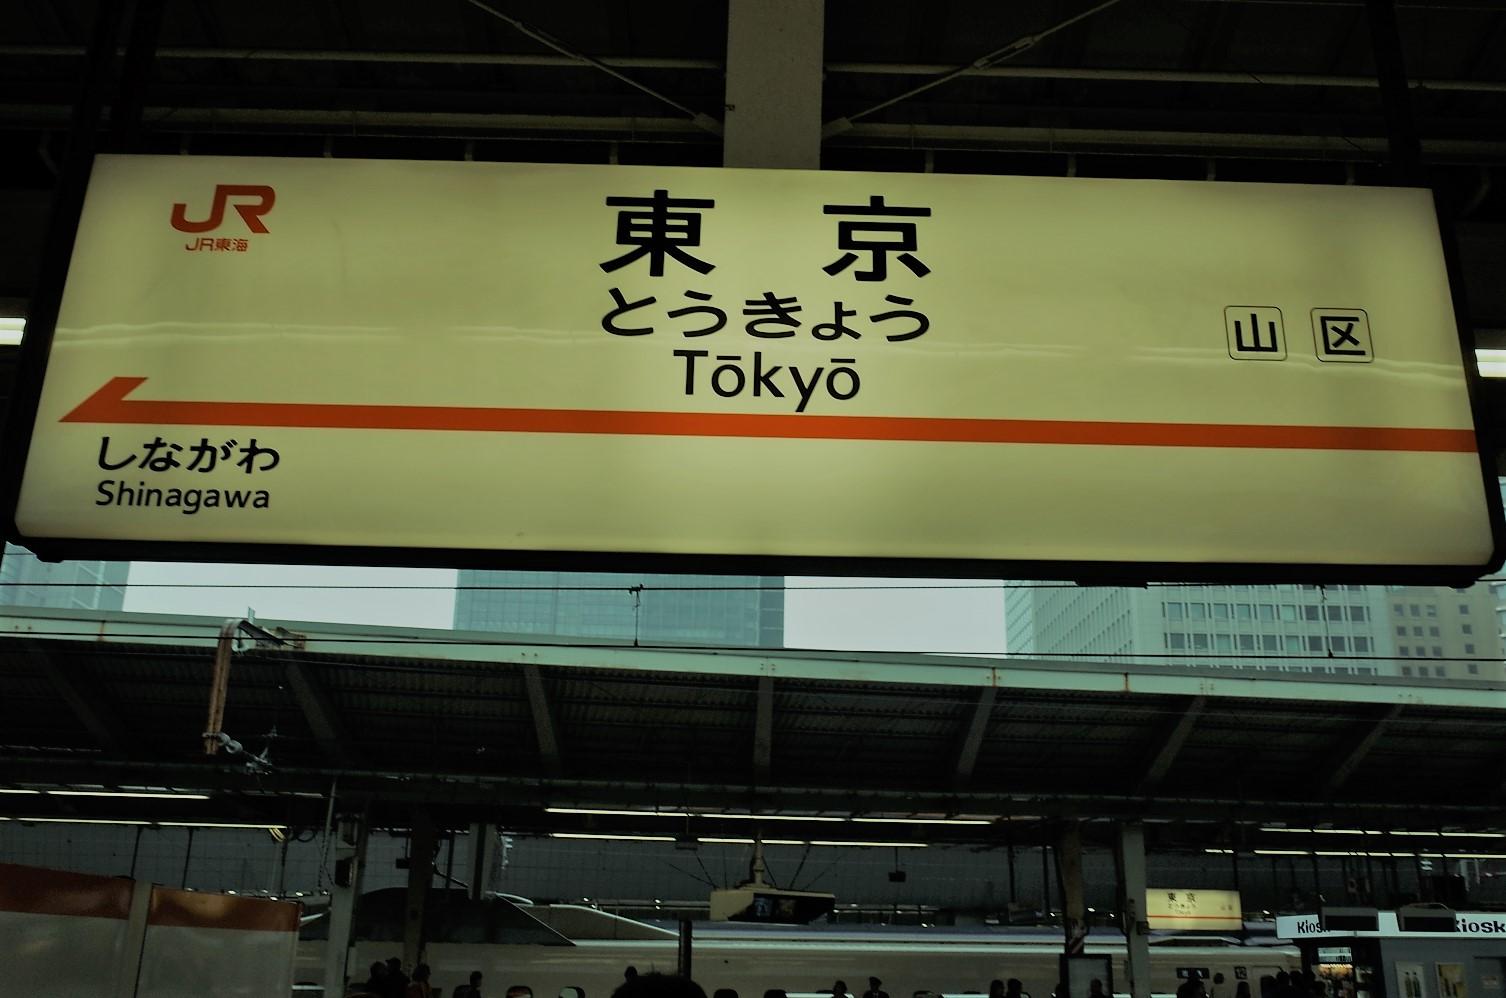 東京都心に近いリゾートバイトの勤務地はどこが人気?【100人に聞きました】